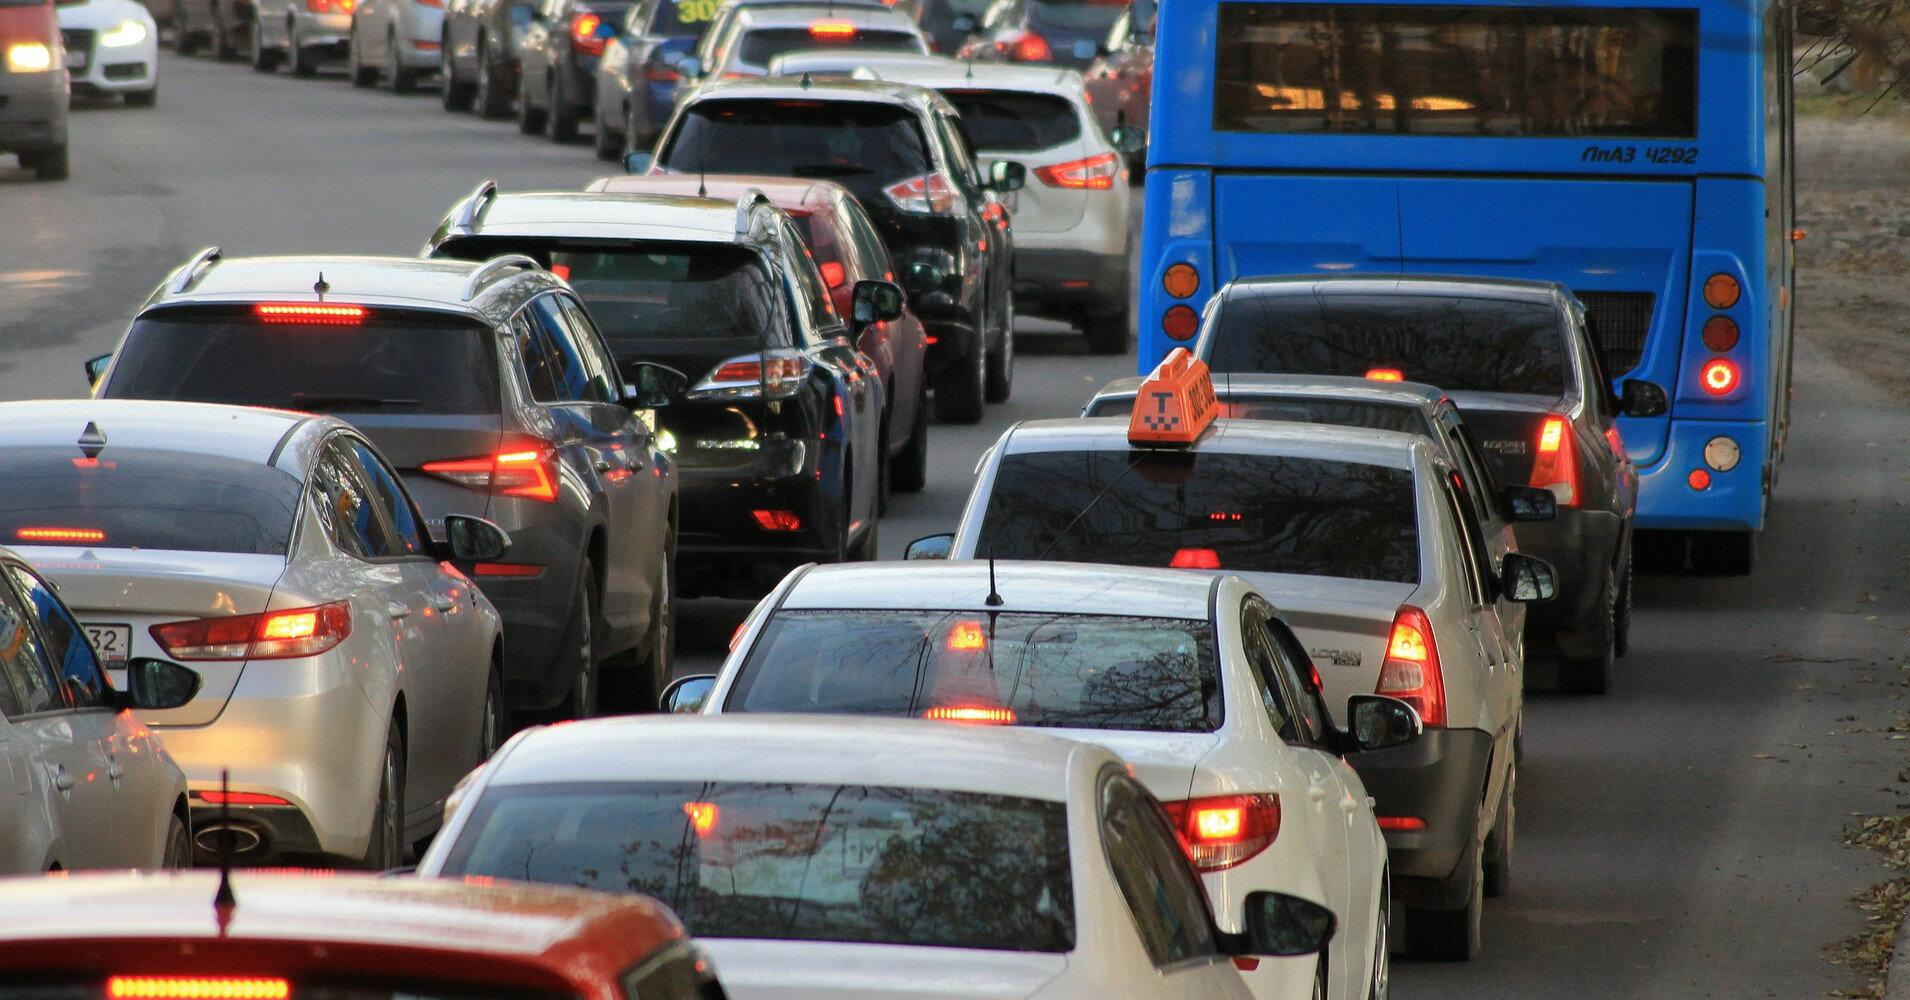 Авария поезда в Боярке: авто застряли в огромных пробках